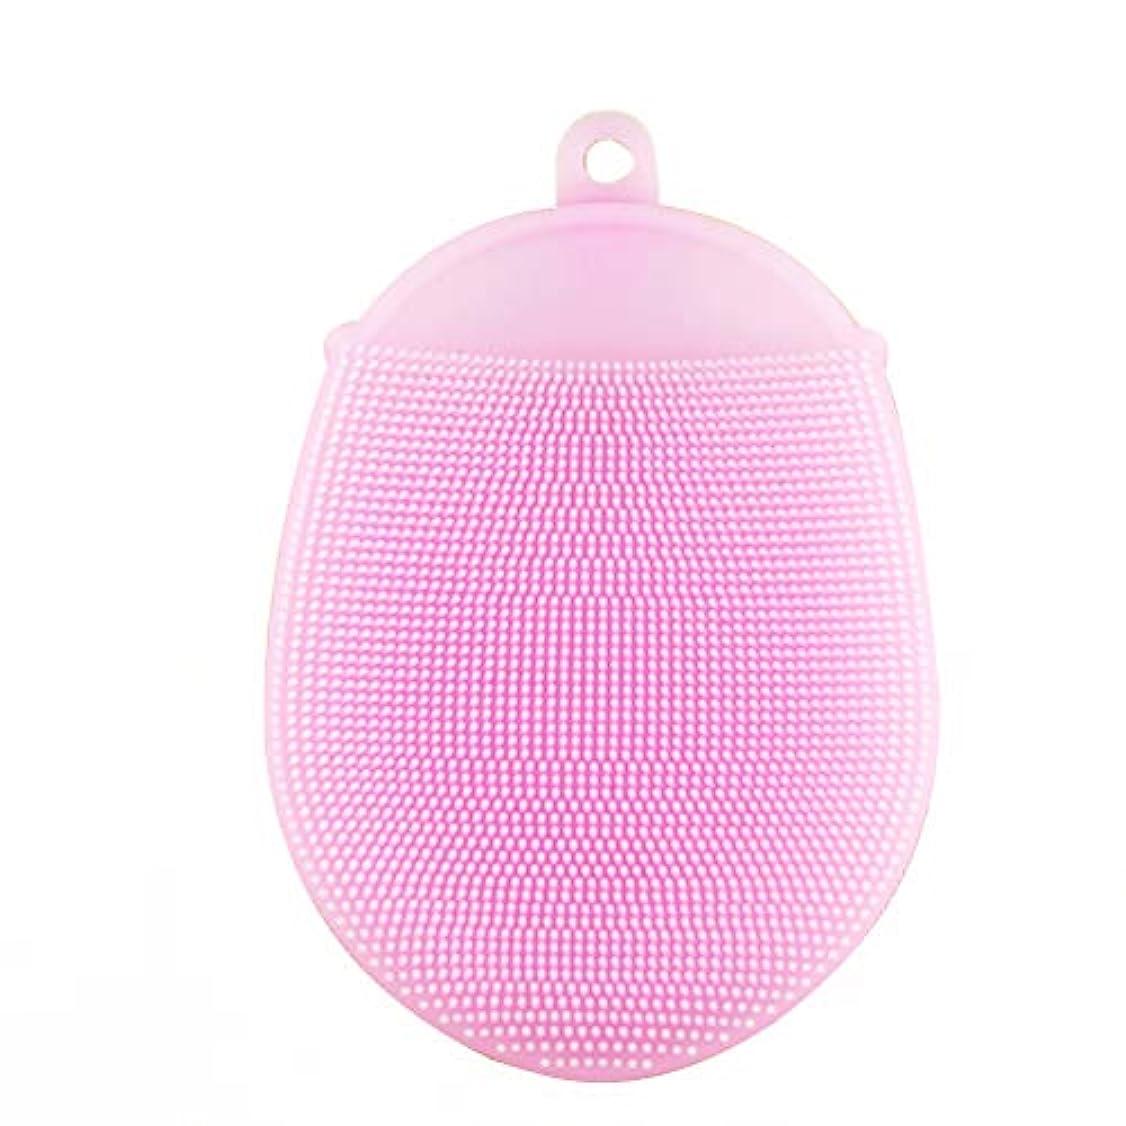 壊す絶縁するバルクHealifty シリコンバスブラシシャワースクラバー2本(ピンク)